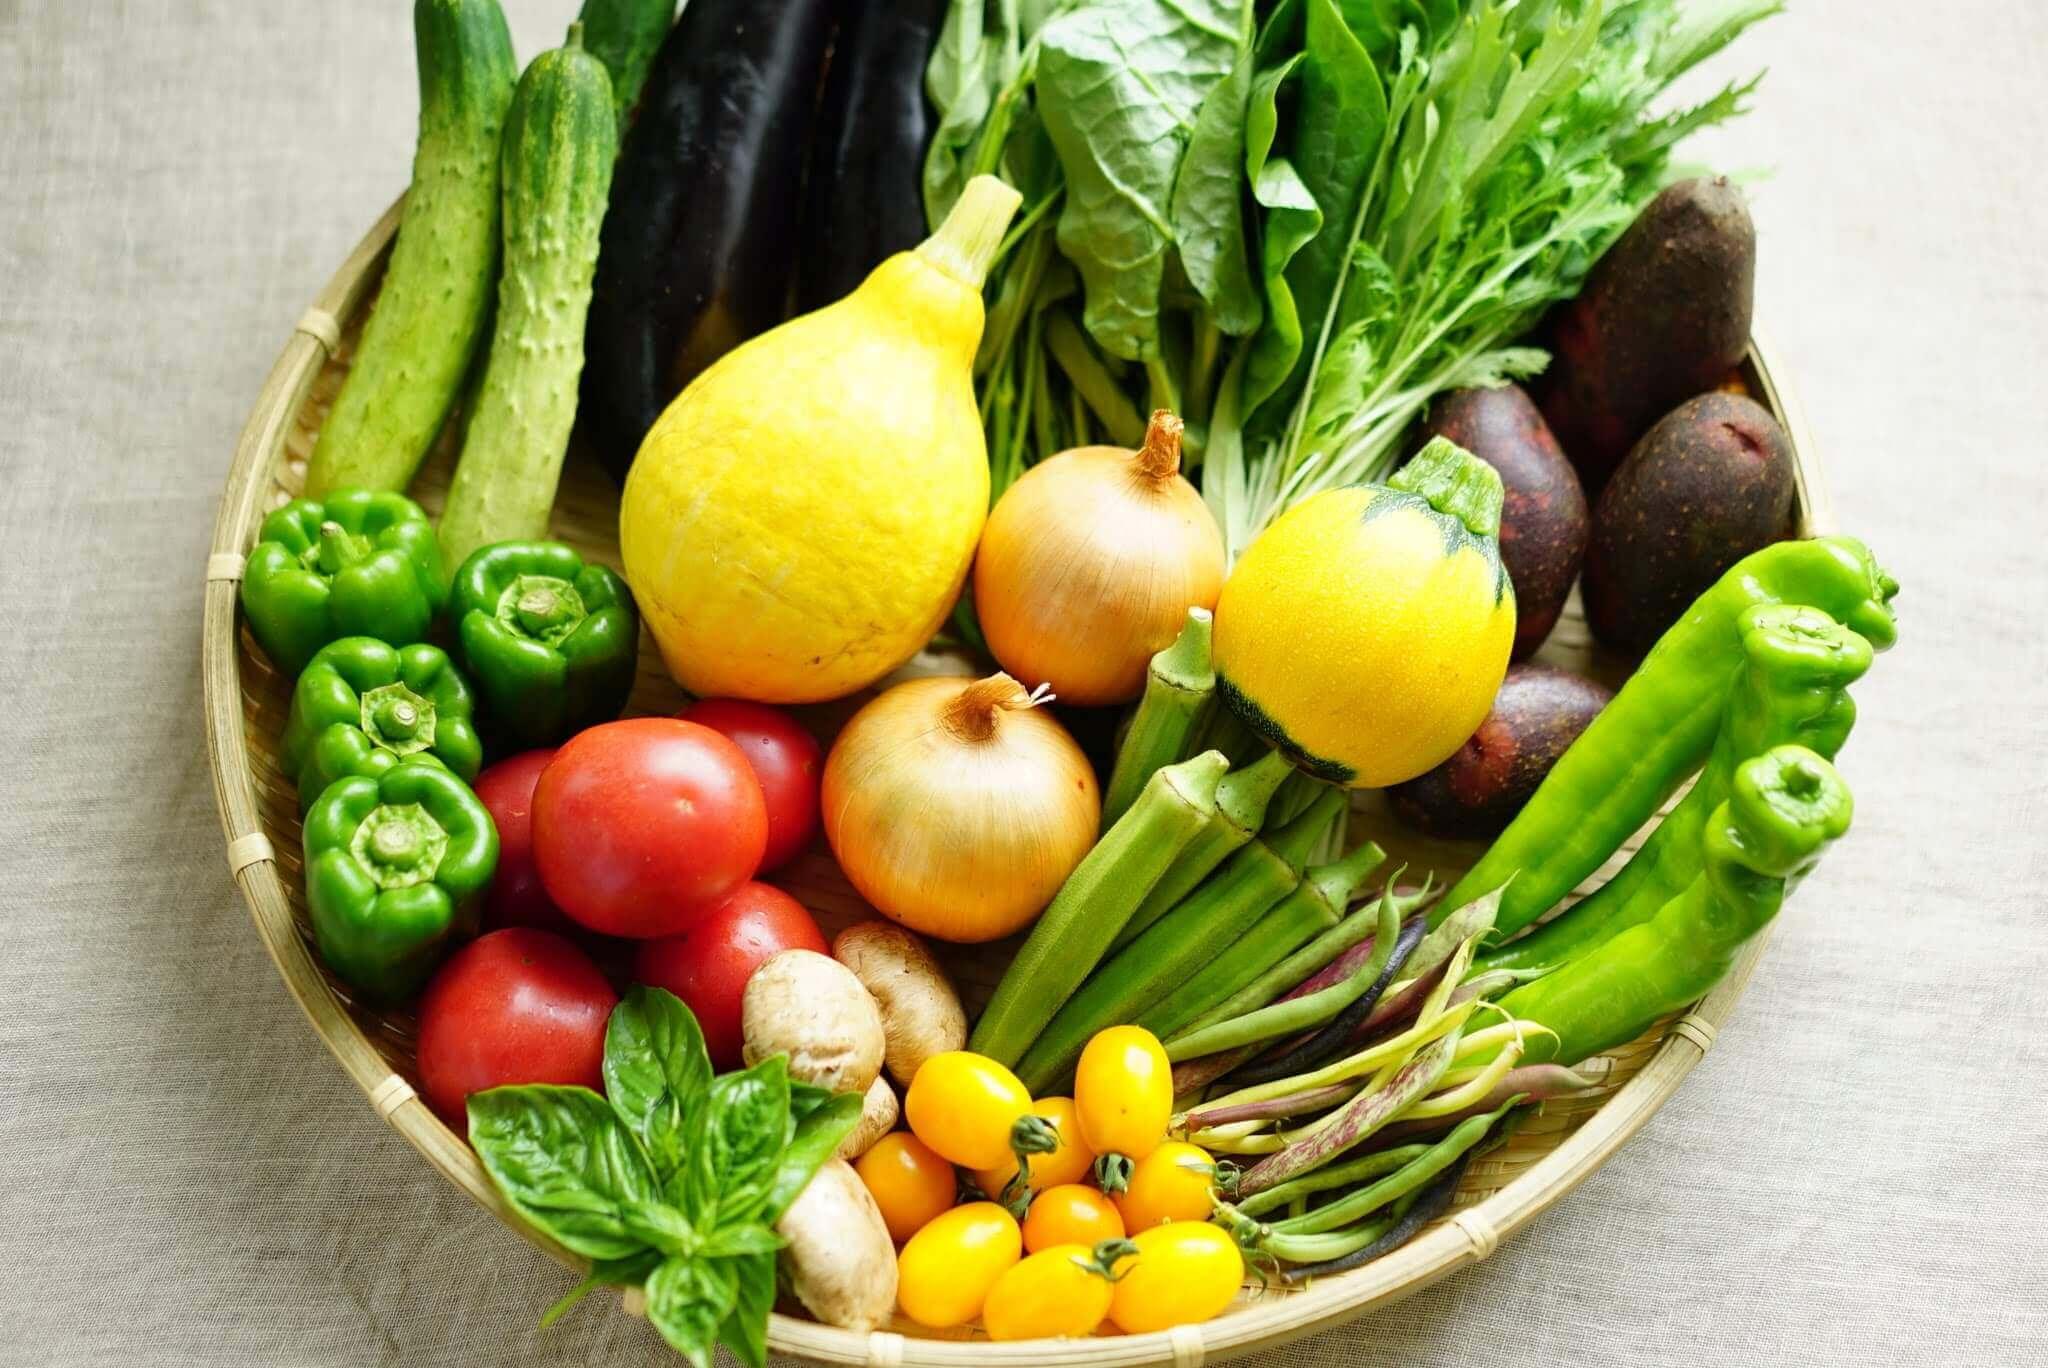 「もったいない」をなくす!野菜を長持ちさせる方法は?夏野菜の保存の仕方まとめました